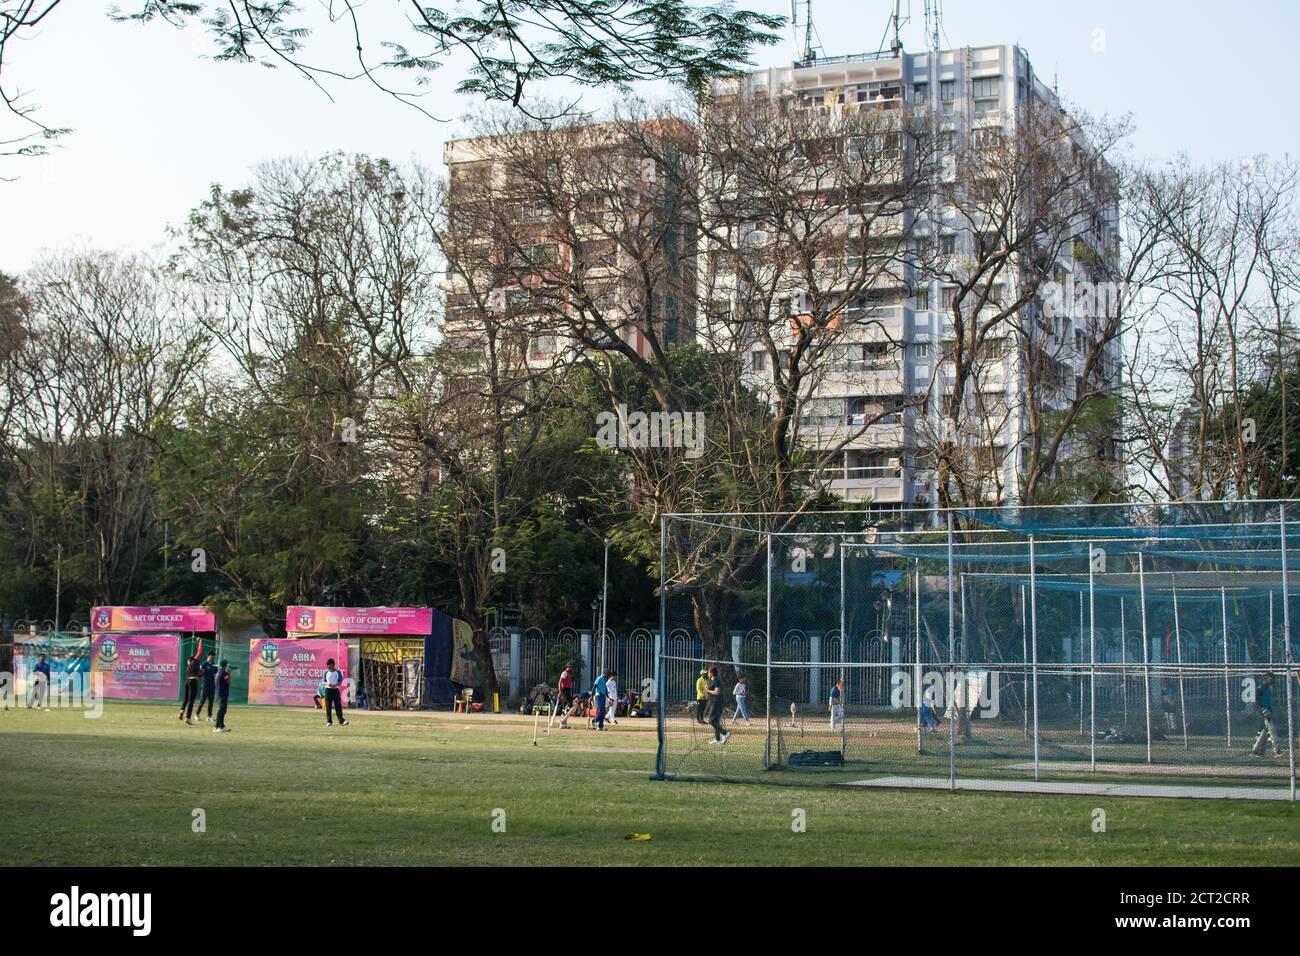 Kolkata, Inde - 1 février 2020 : plusieurs personnes non identifiées jouent au cricket dans des vêtements de tous les jours dans le parc Minhaj Gardan le 1er février 2020 à Kolkata Banque D'Images